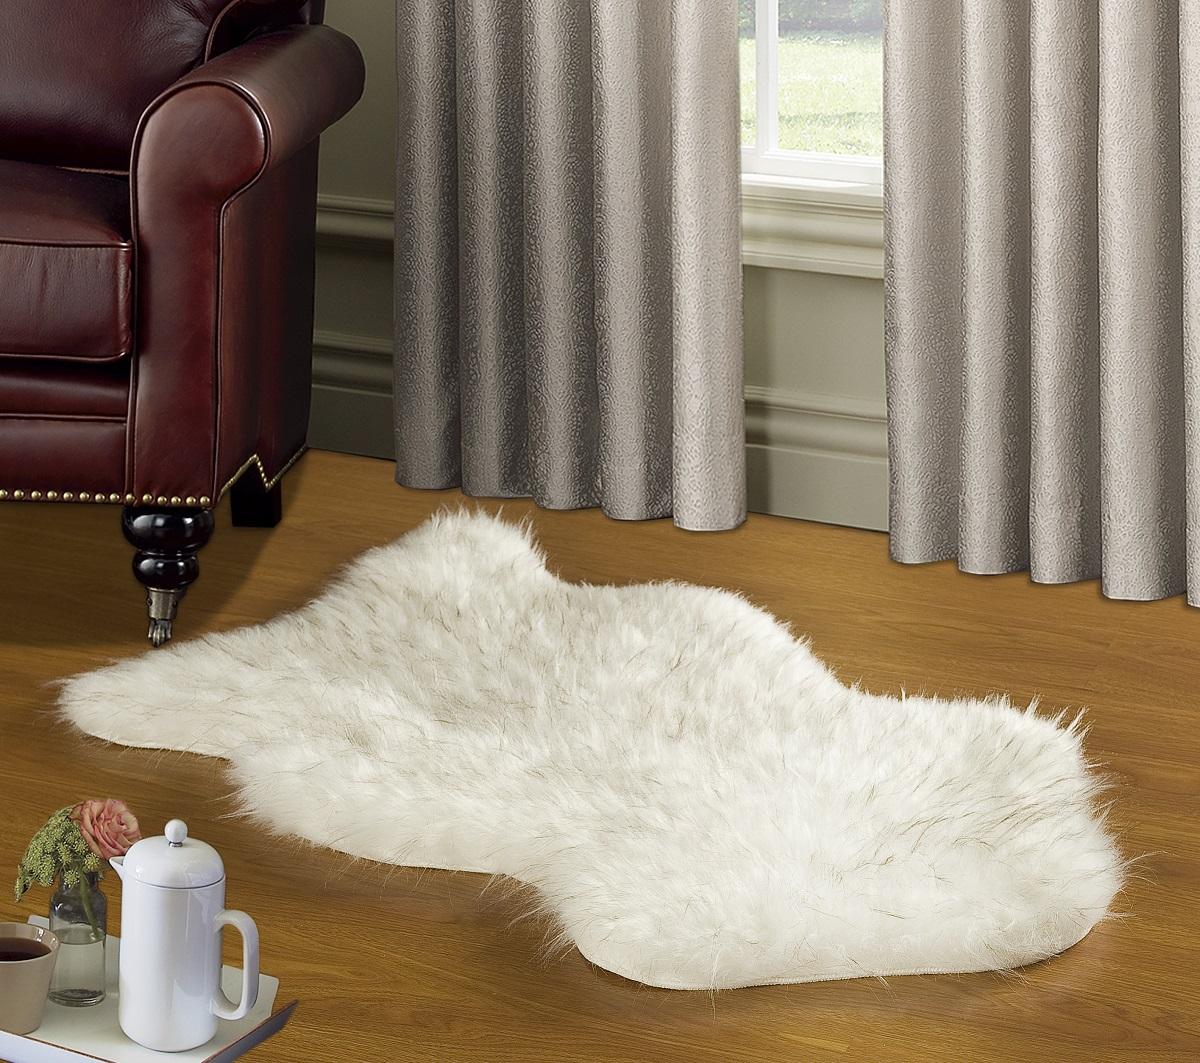 Коврик Modalin Manal, цвет: белый, 50 х 90 см3122794140Коврик Modalin Manal выполнен из искусственного меха. Изделие долго прослужит в вашем доме, добавляя тепло и уют, а также внесет неповторимый колорит в интерьер.